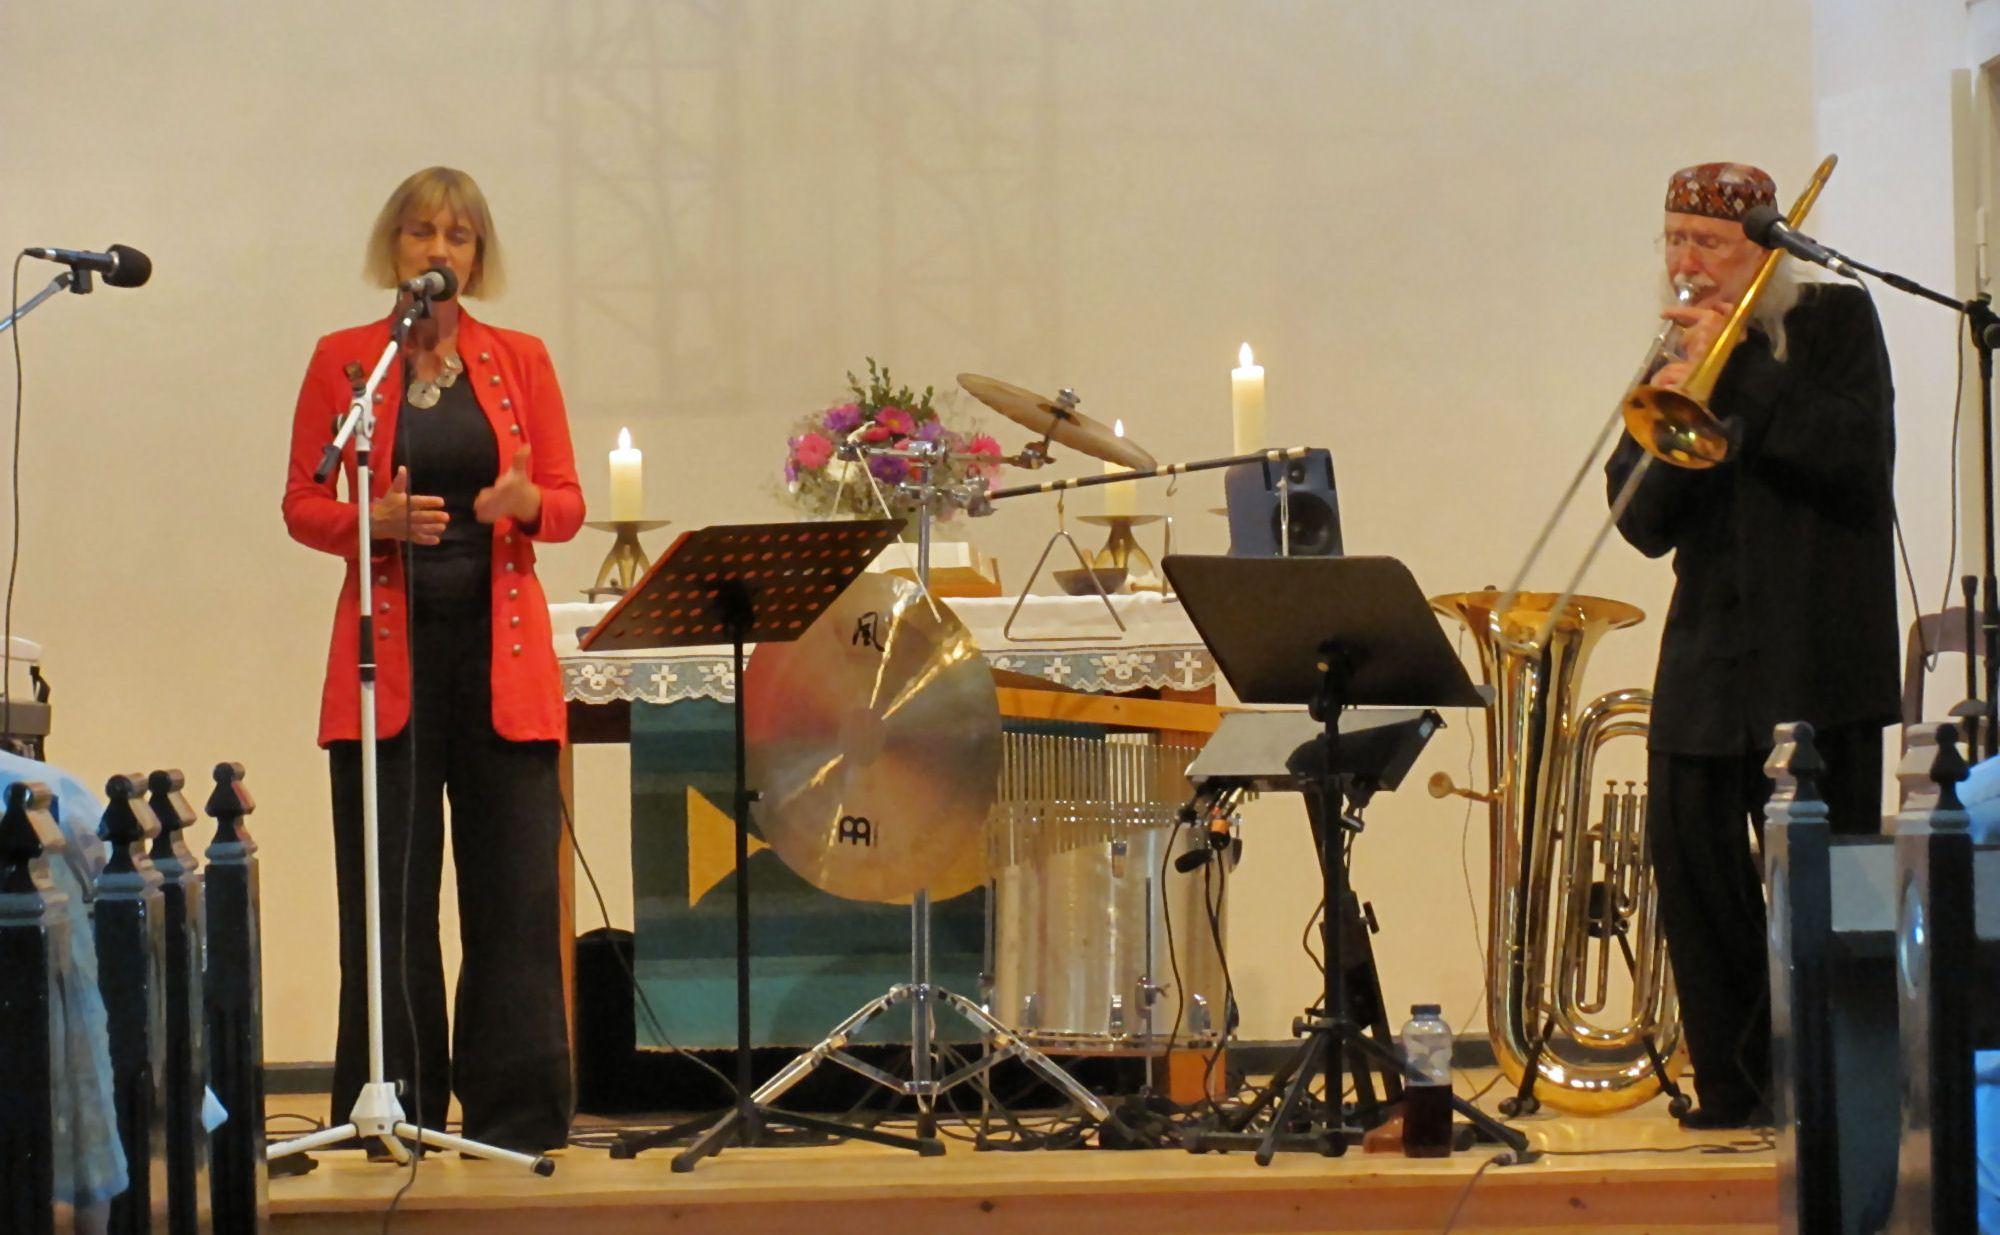 Silke Gonska & Frieder W. Bergner